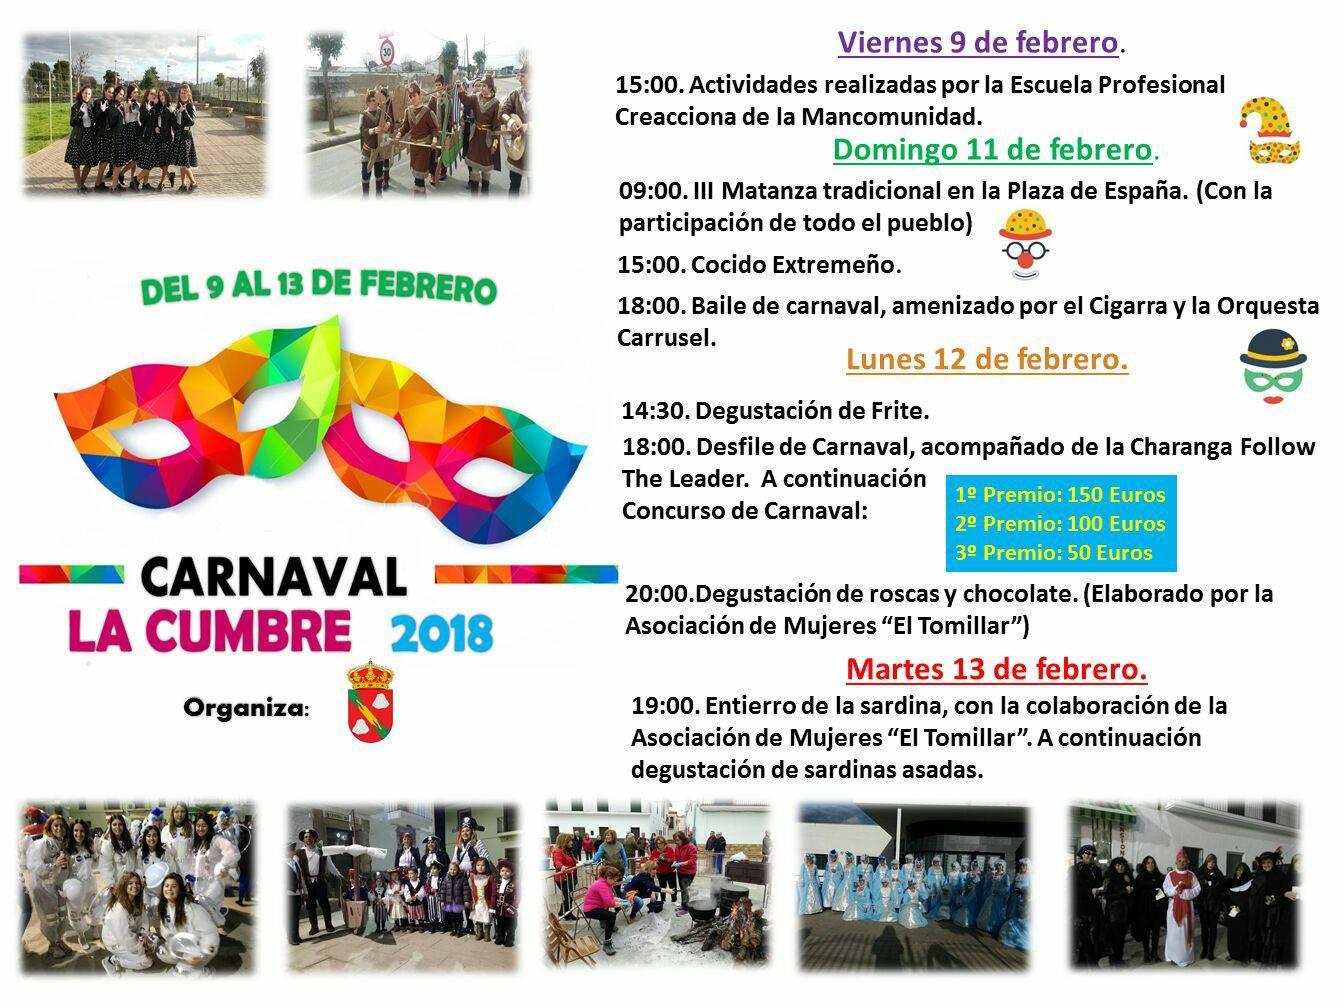 Carnaval 2018 - La Cumbre